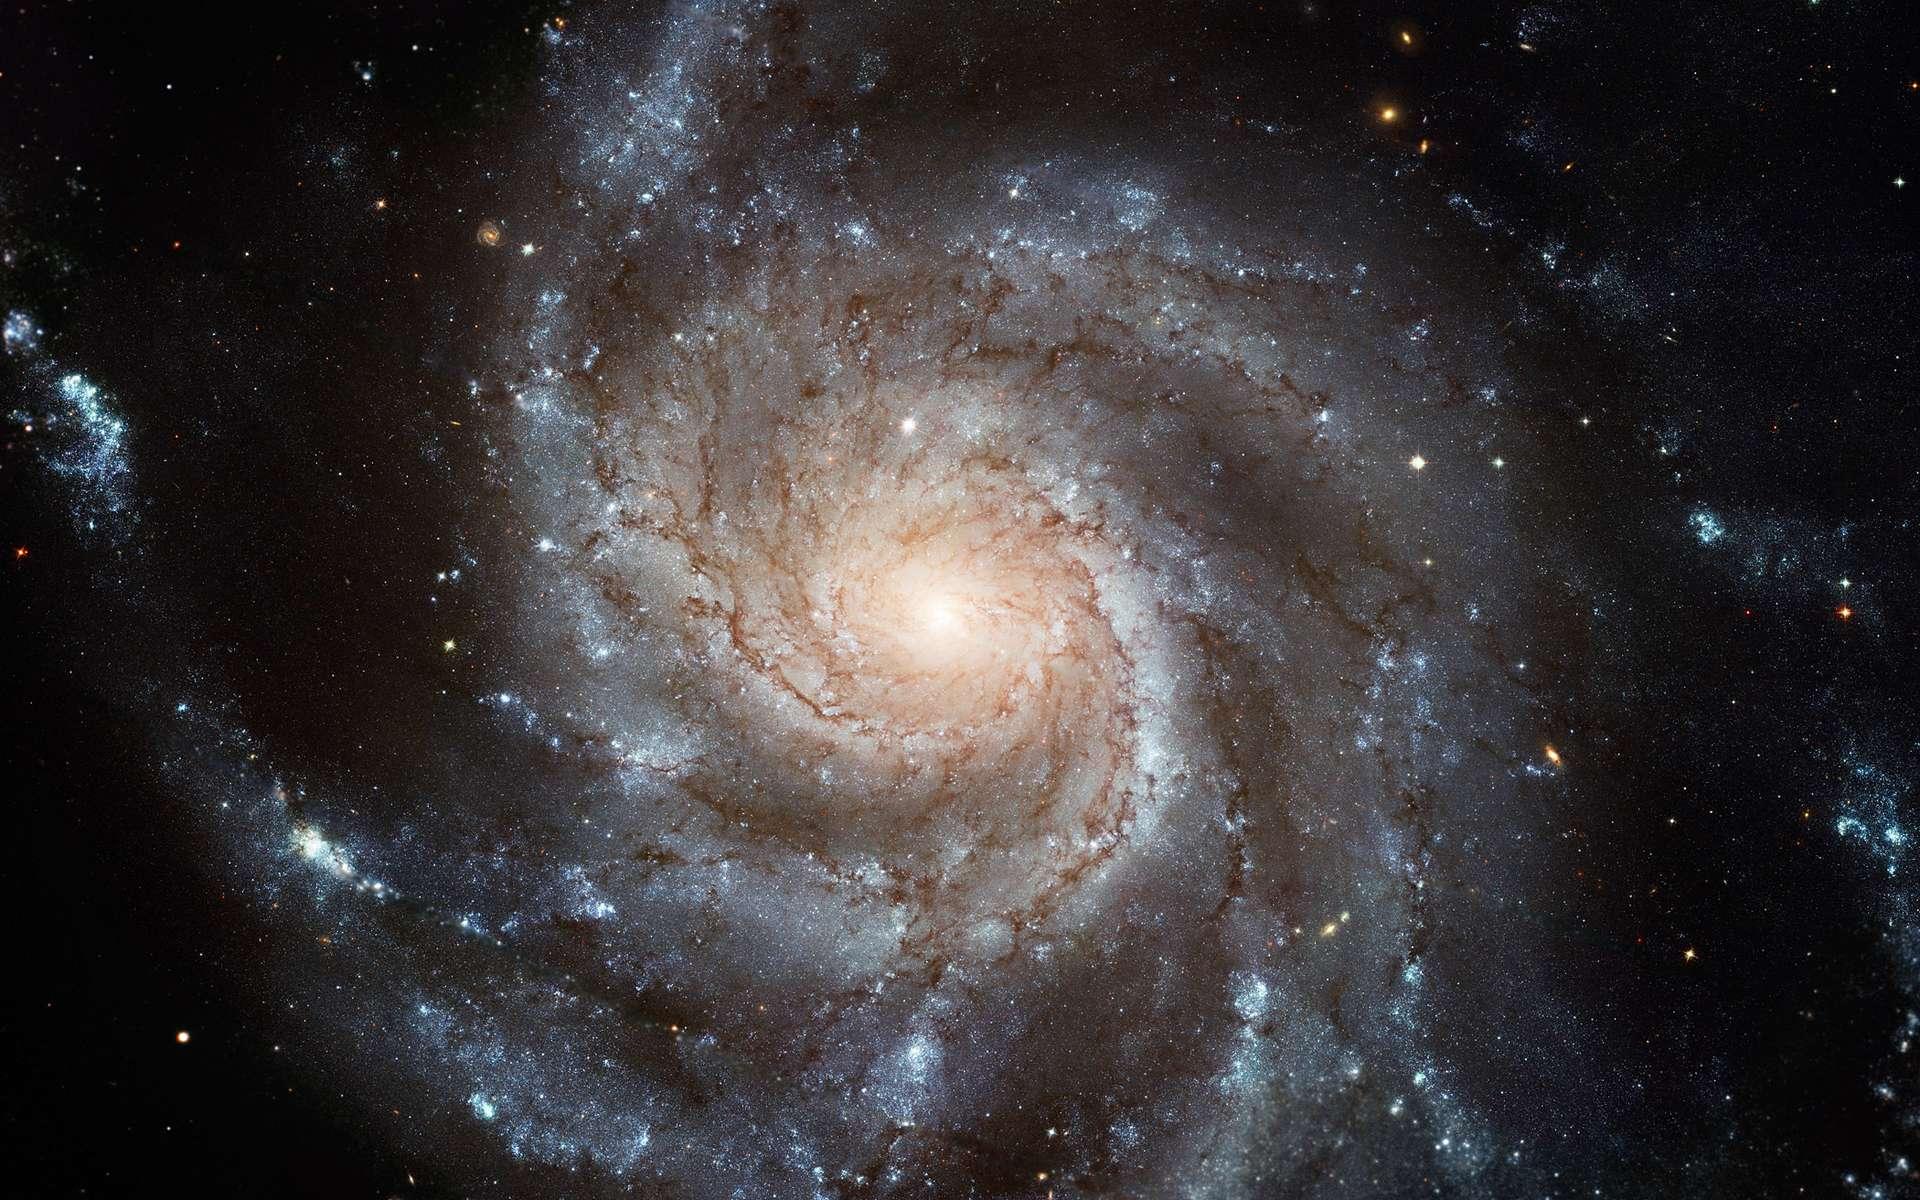 Située dans la constellation de la Grande Ourse, à environ 21 millions d'années-lumière de notre Voie lactée, M101 est une galaxie spirale très étudiée. On la voit ici observée avec Hubble. © Nasa, Esa